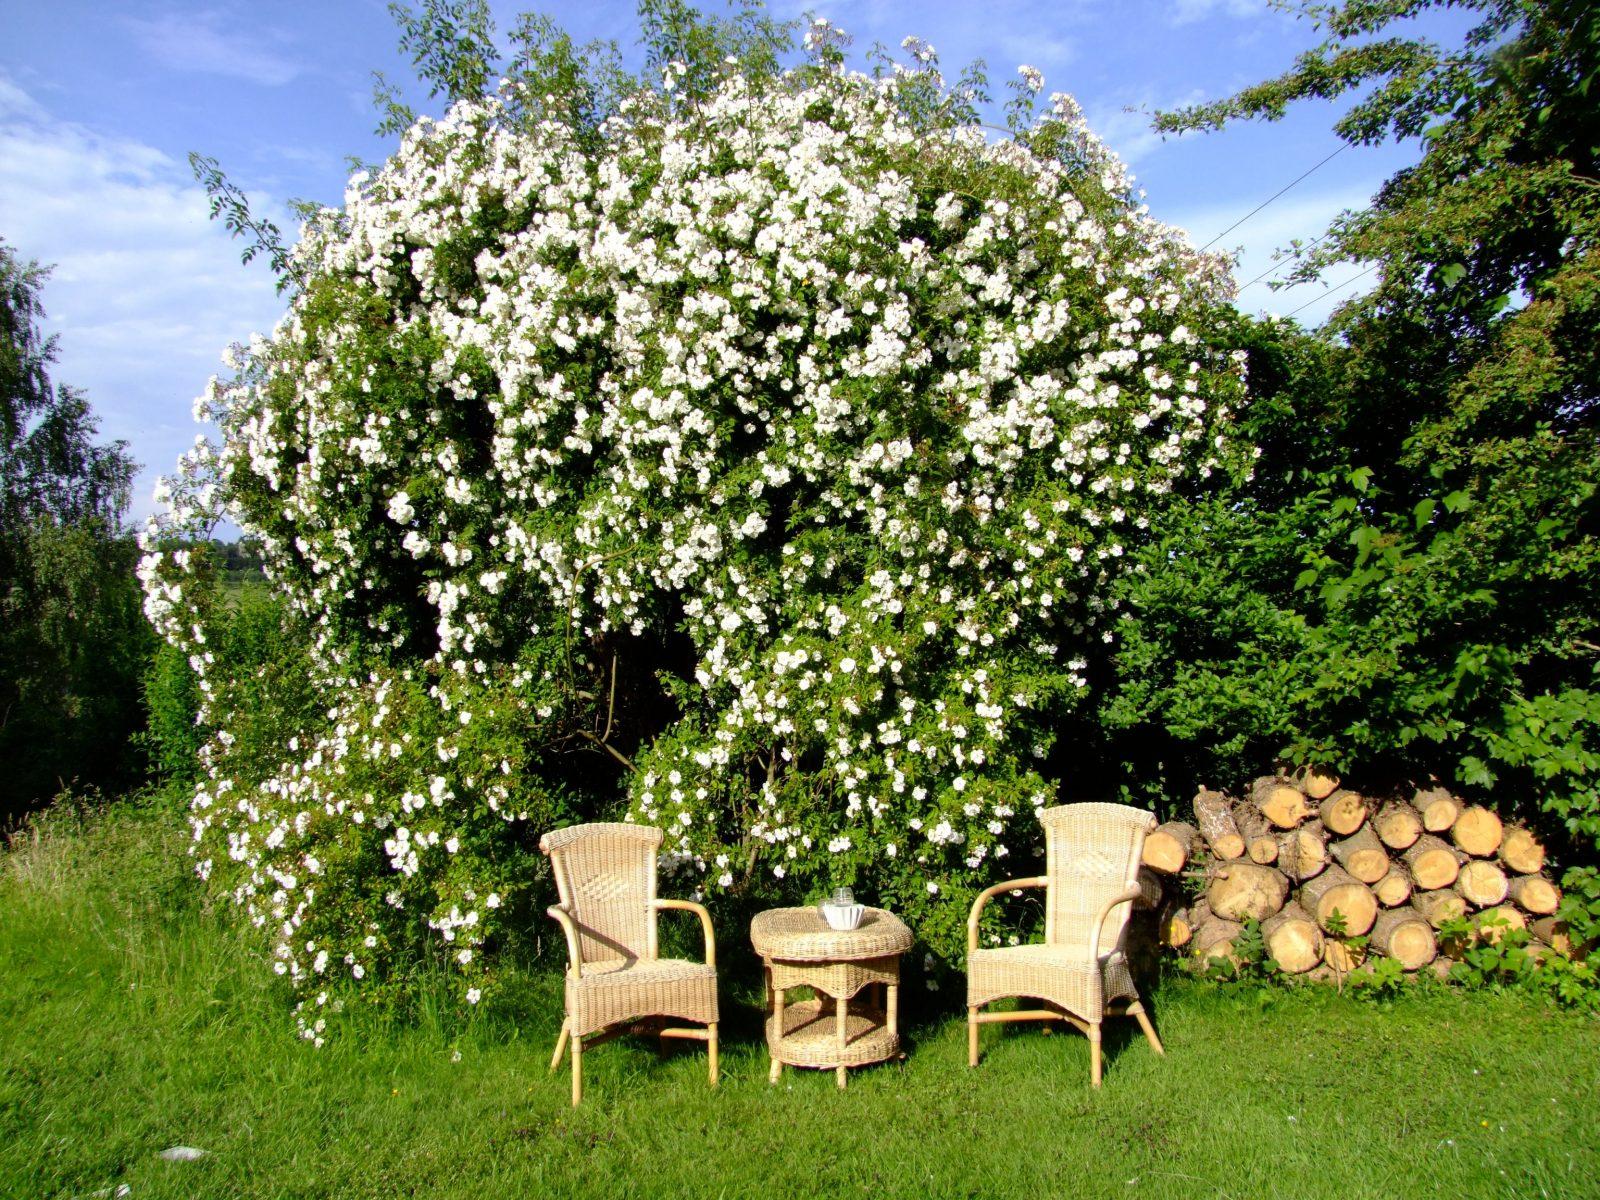 Garten Sitzecke Gestalten Ideen Für Kleine  Große Gärten von Sitzplatz Im Garten Gestalten Photo